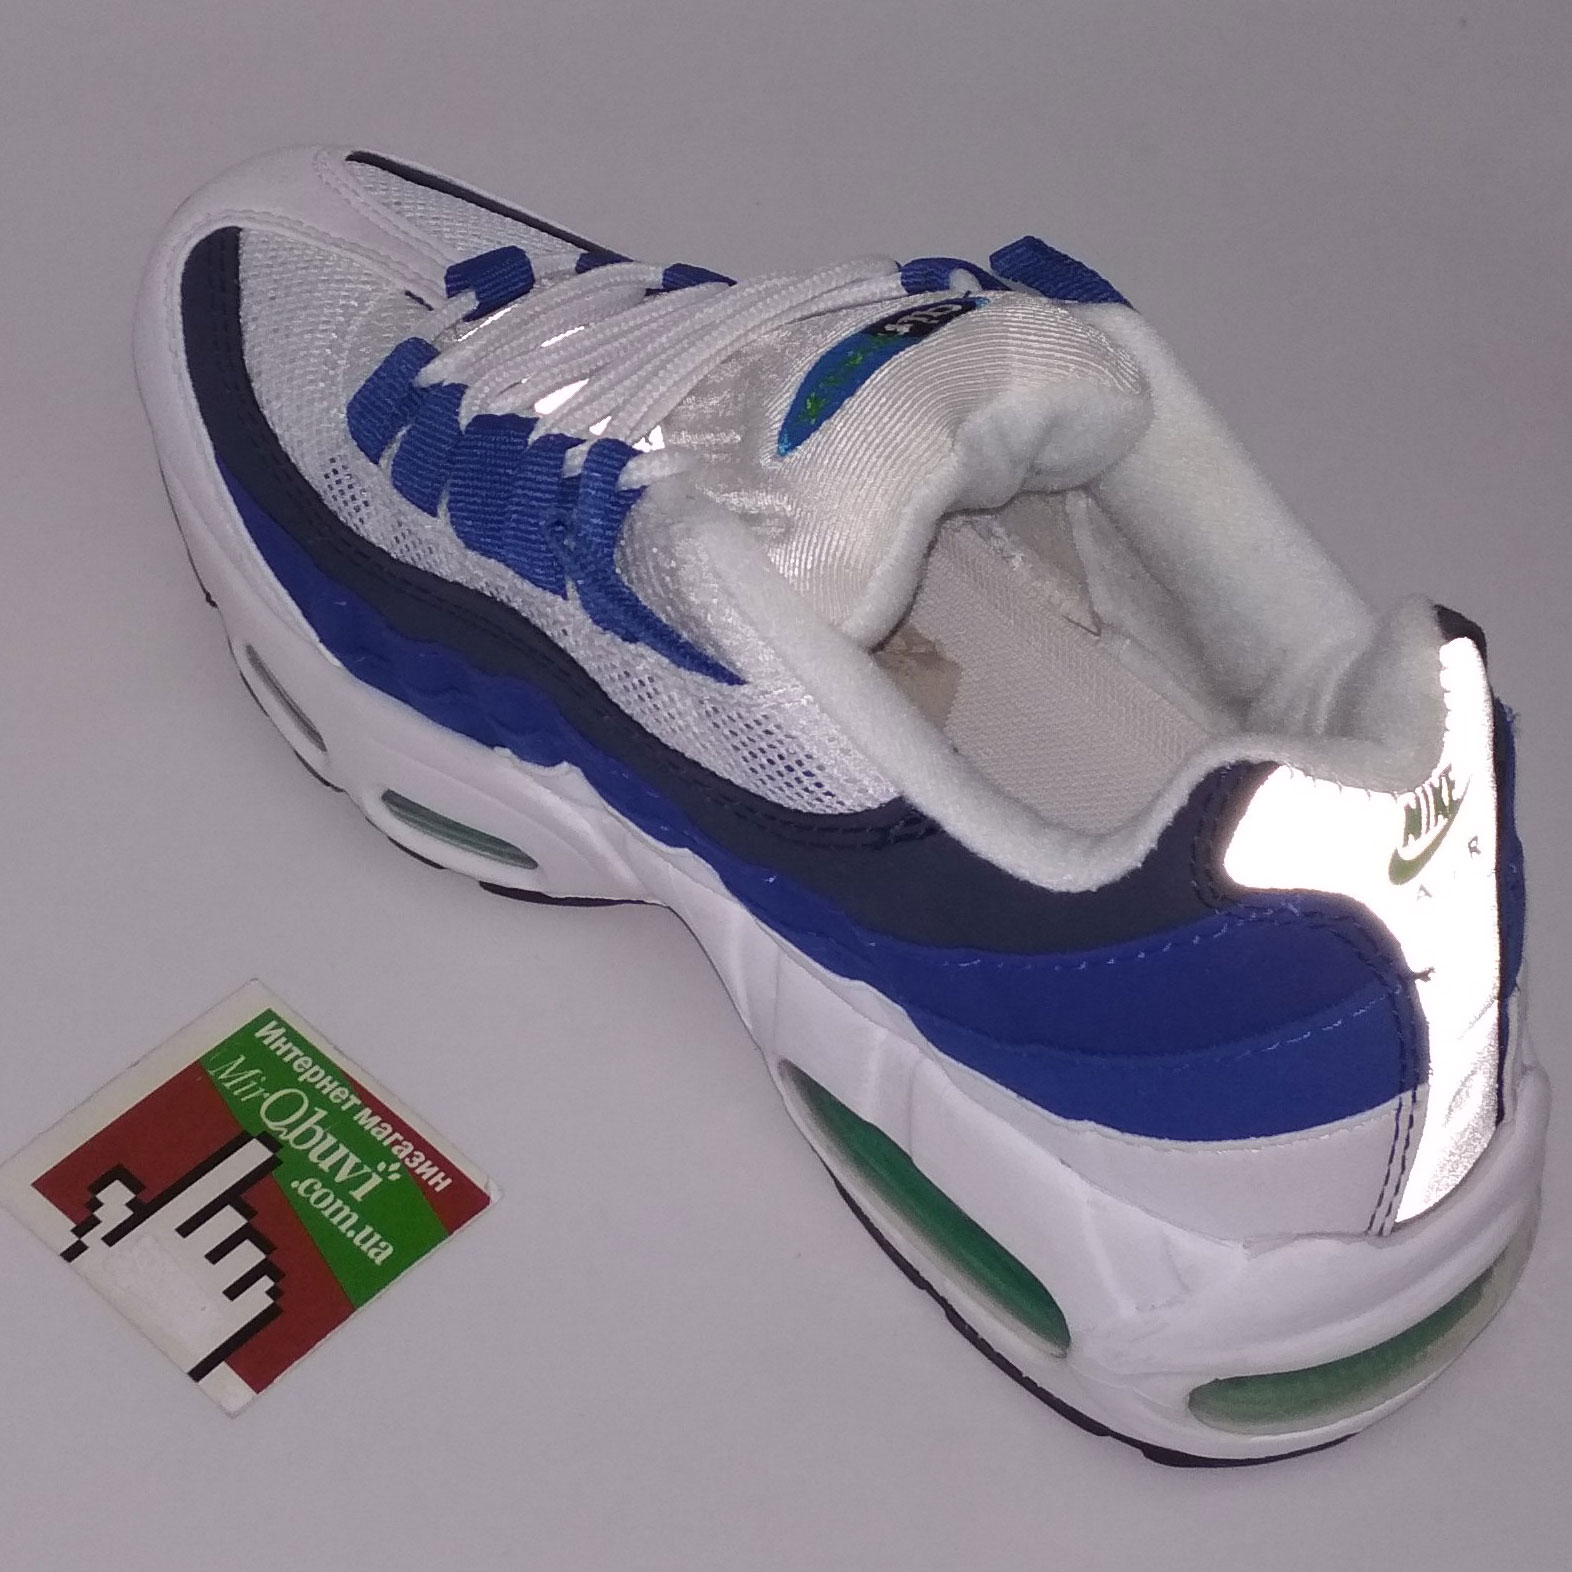 большое фото №6 Женские кроссовки Nike air max 95 Бело Синие. ТОП КАЧЕСТВО!!!